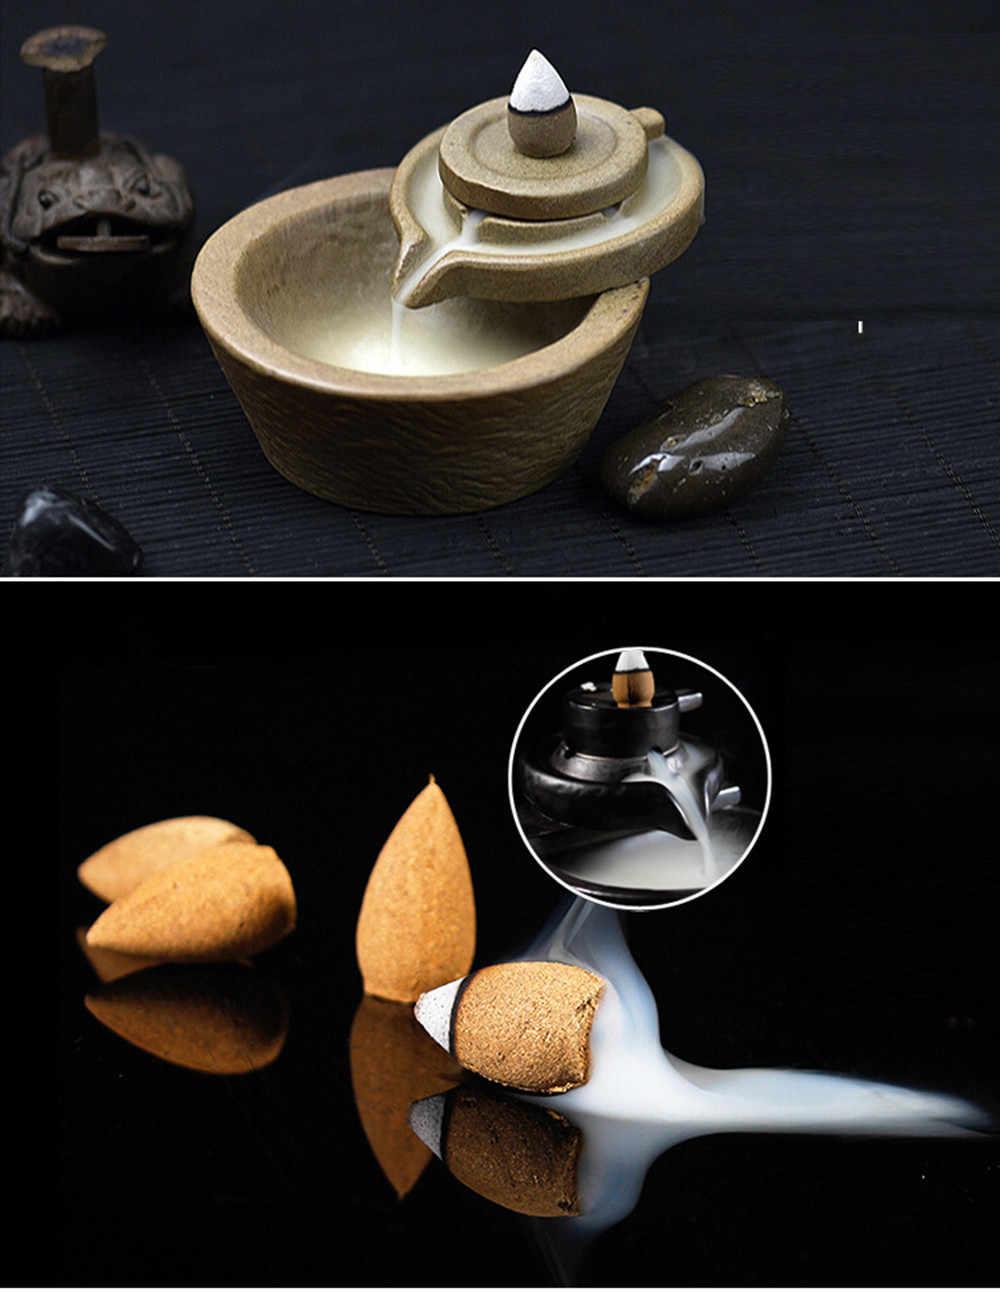 * 10 ピースレトロ手作り磁器セラミック逆流香バーナー仏教装飾ホーム 0.474